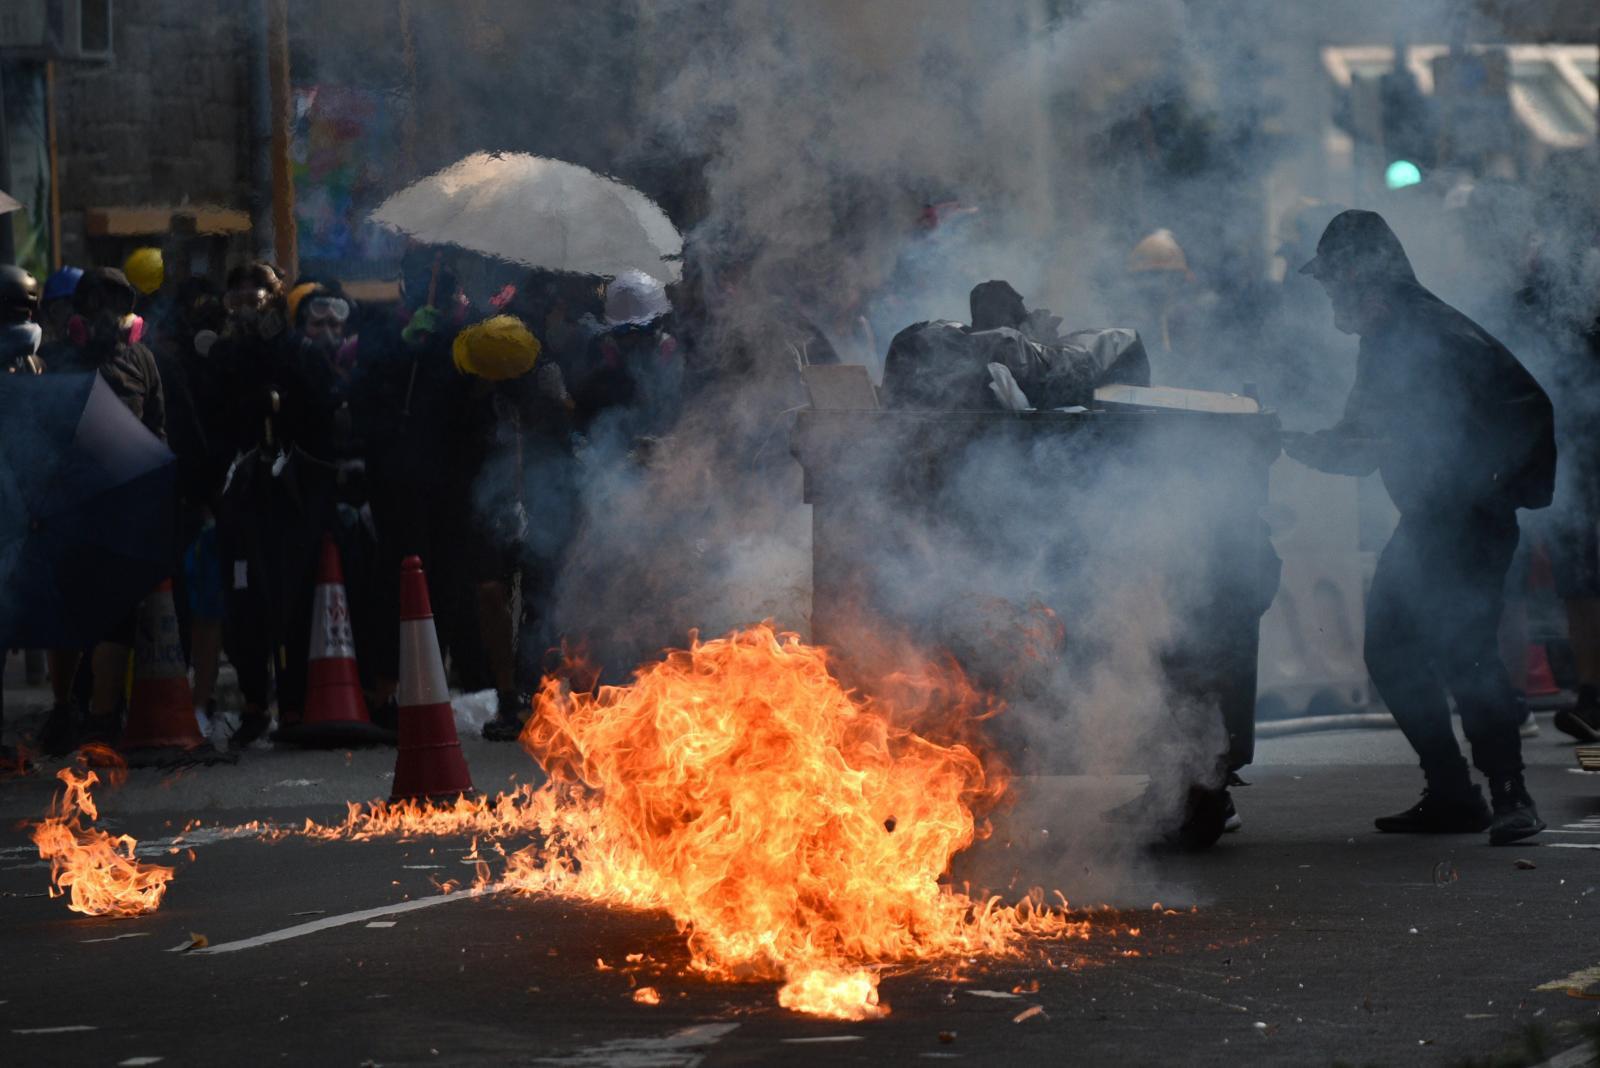 ตำรวจฮ่องกงเผยยิงม็อบเพราะถูกทำร้ายก่อน